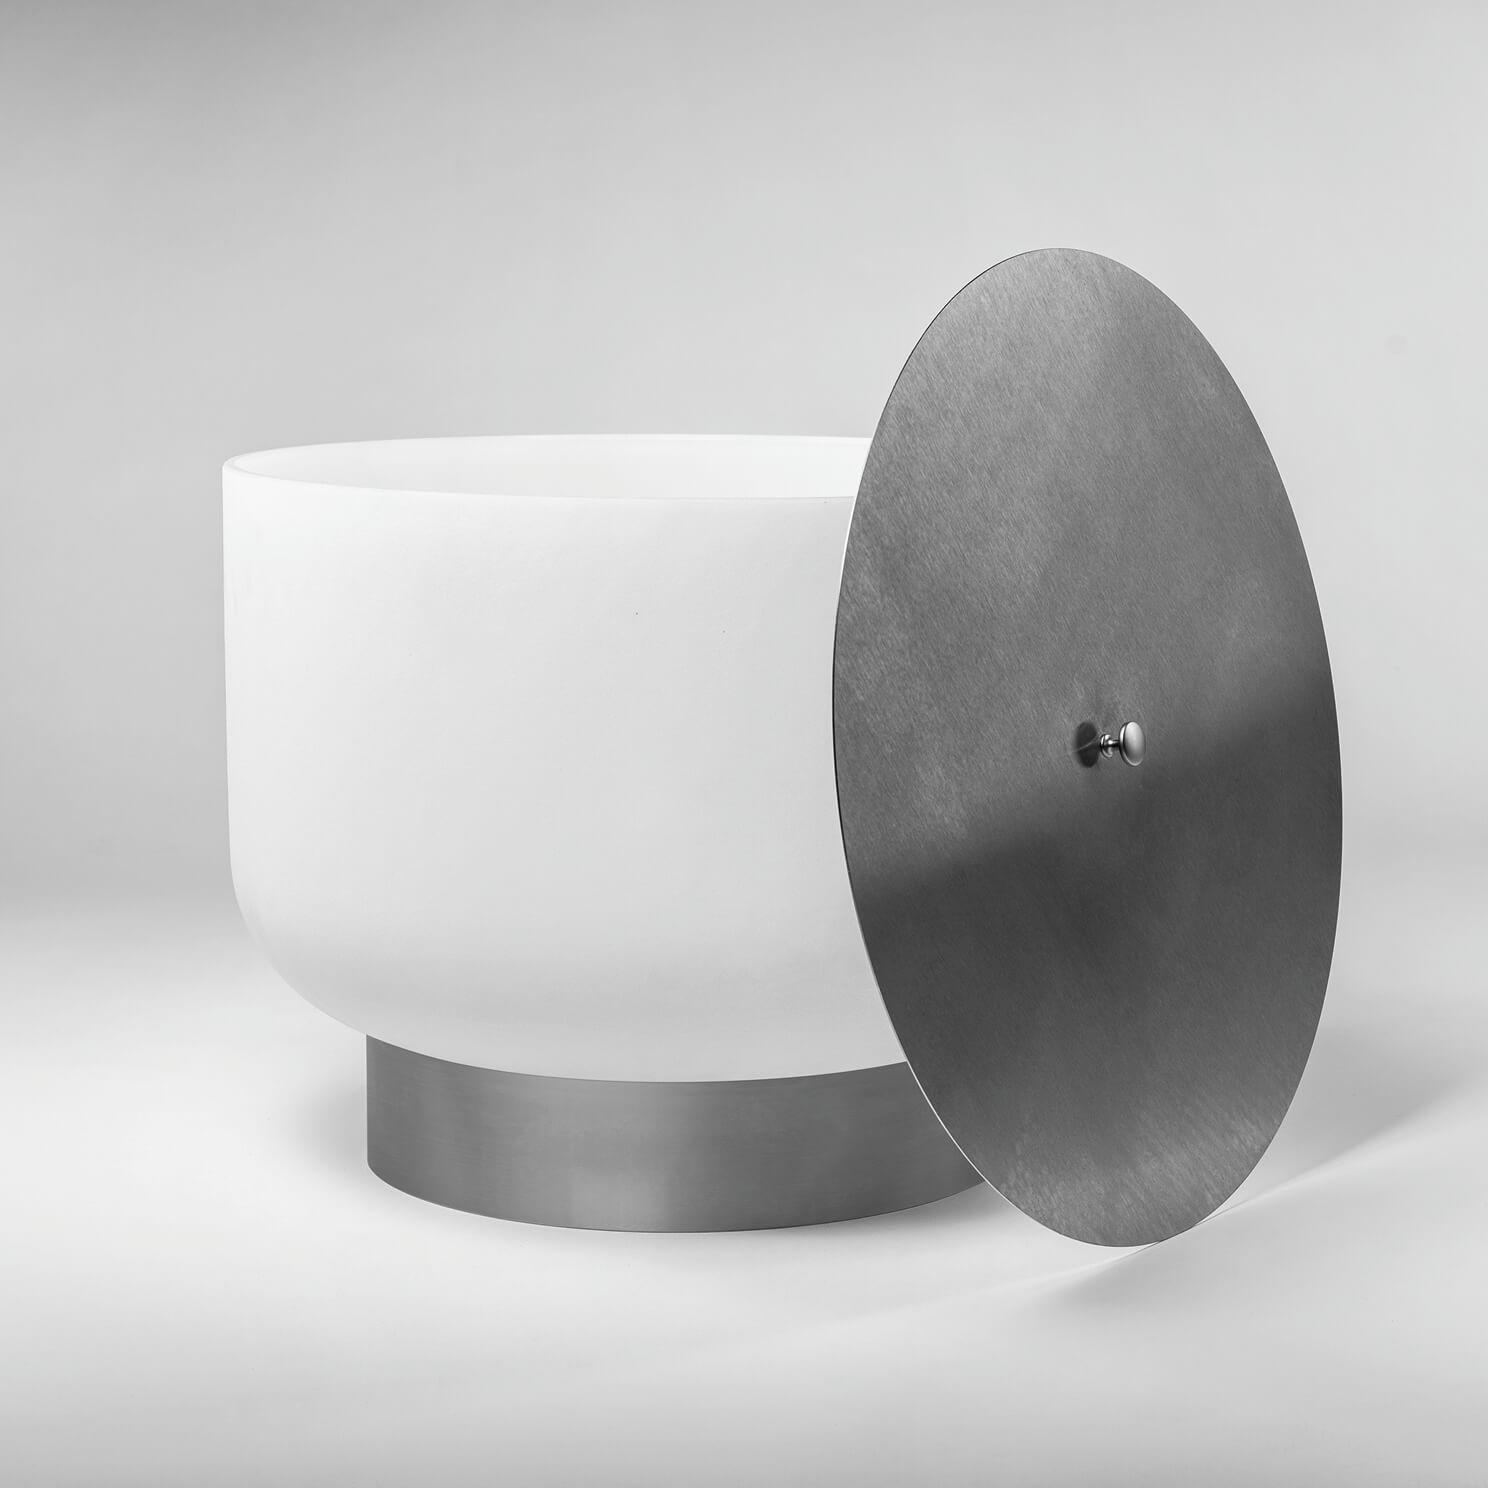 Vuurschaal van kwartsglas met bodem en deksel